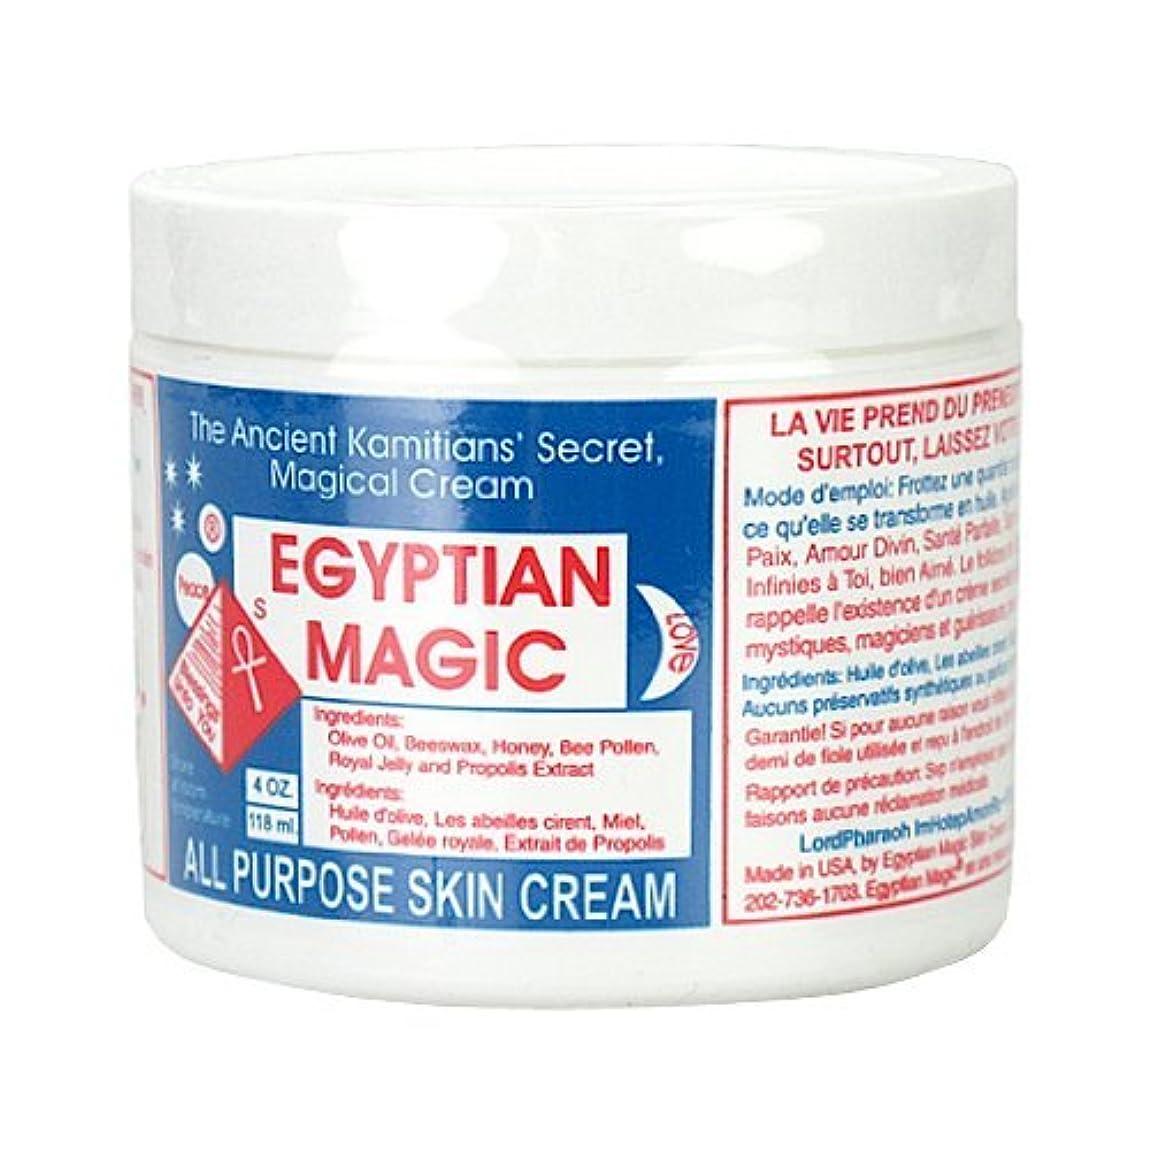 シアーシガレット適性エジプシャンマジック EGYPTIAN MAGIC エジプシャン マジック クリーム 118ml 保湿クリーム